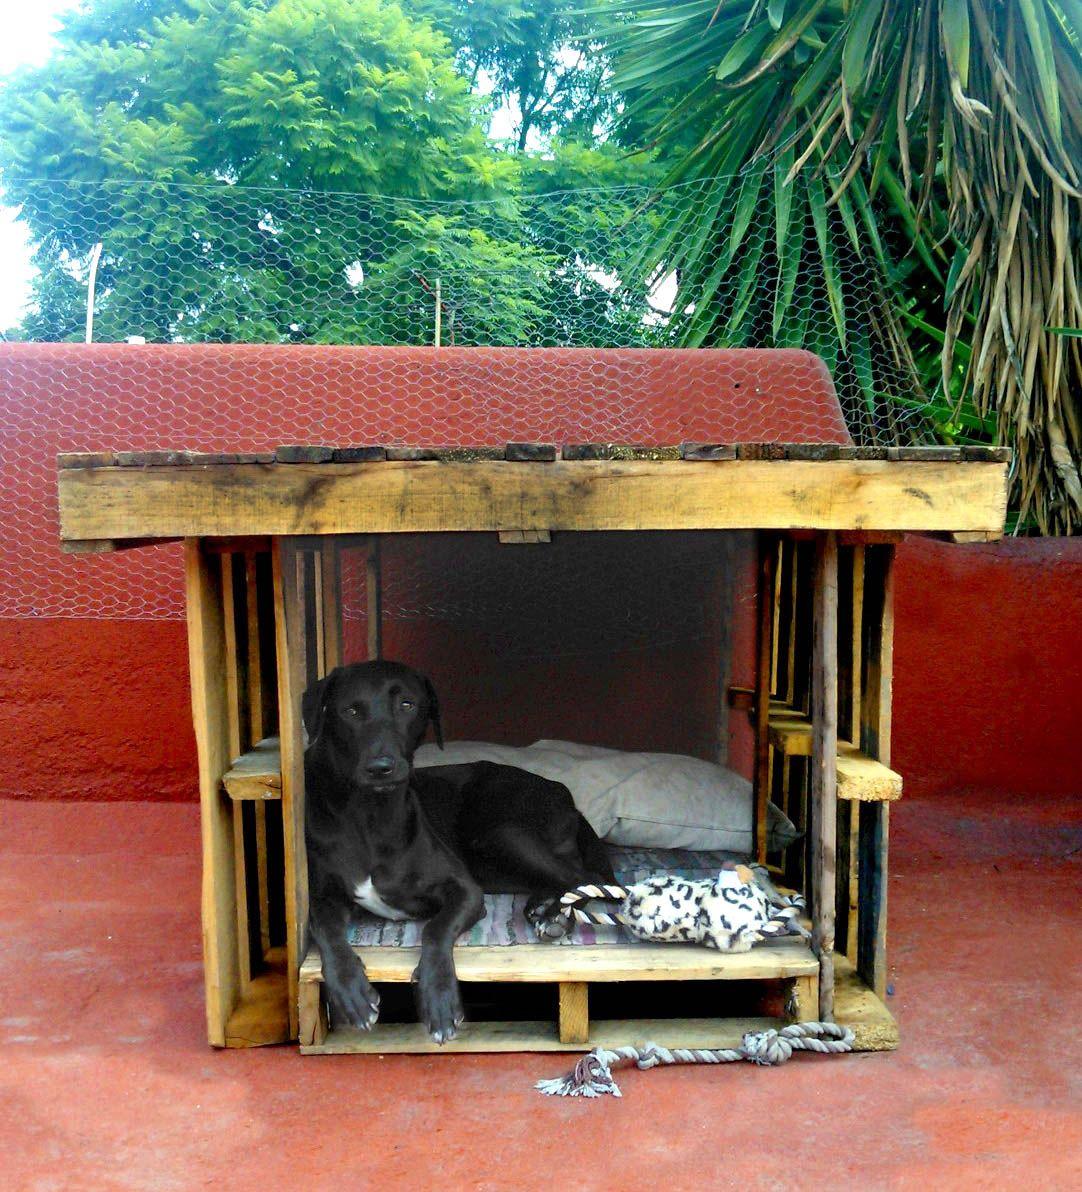 Casa de perro yea pinterest casa de perro casas para perros y mascotas - Casa de perro con palets ...